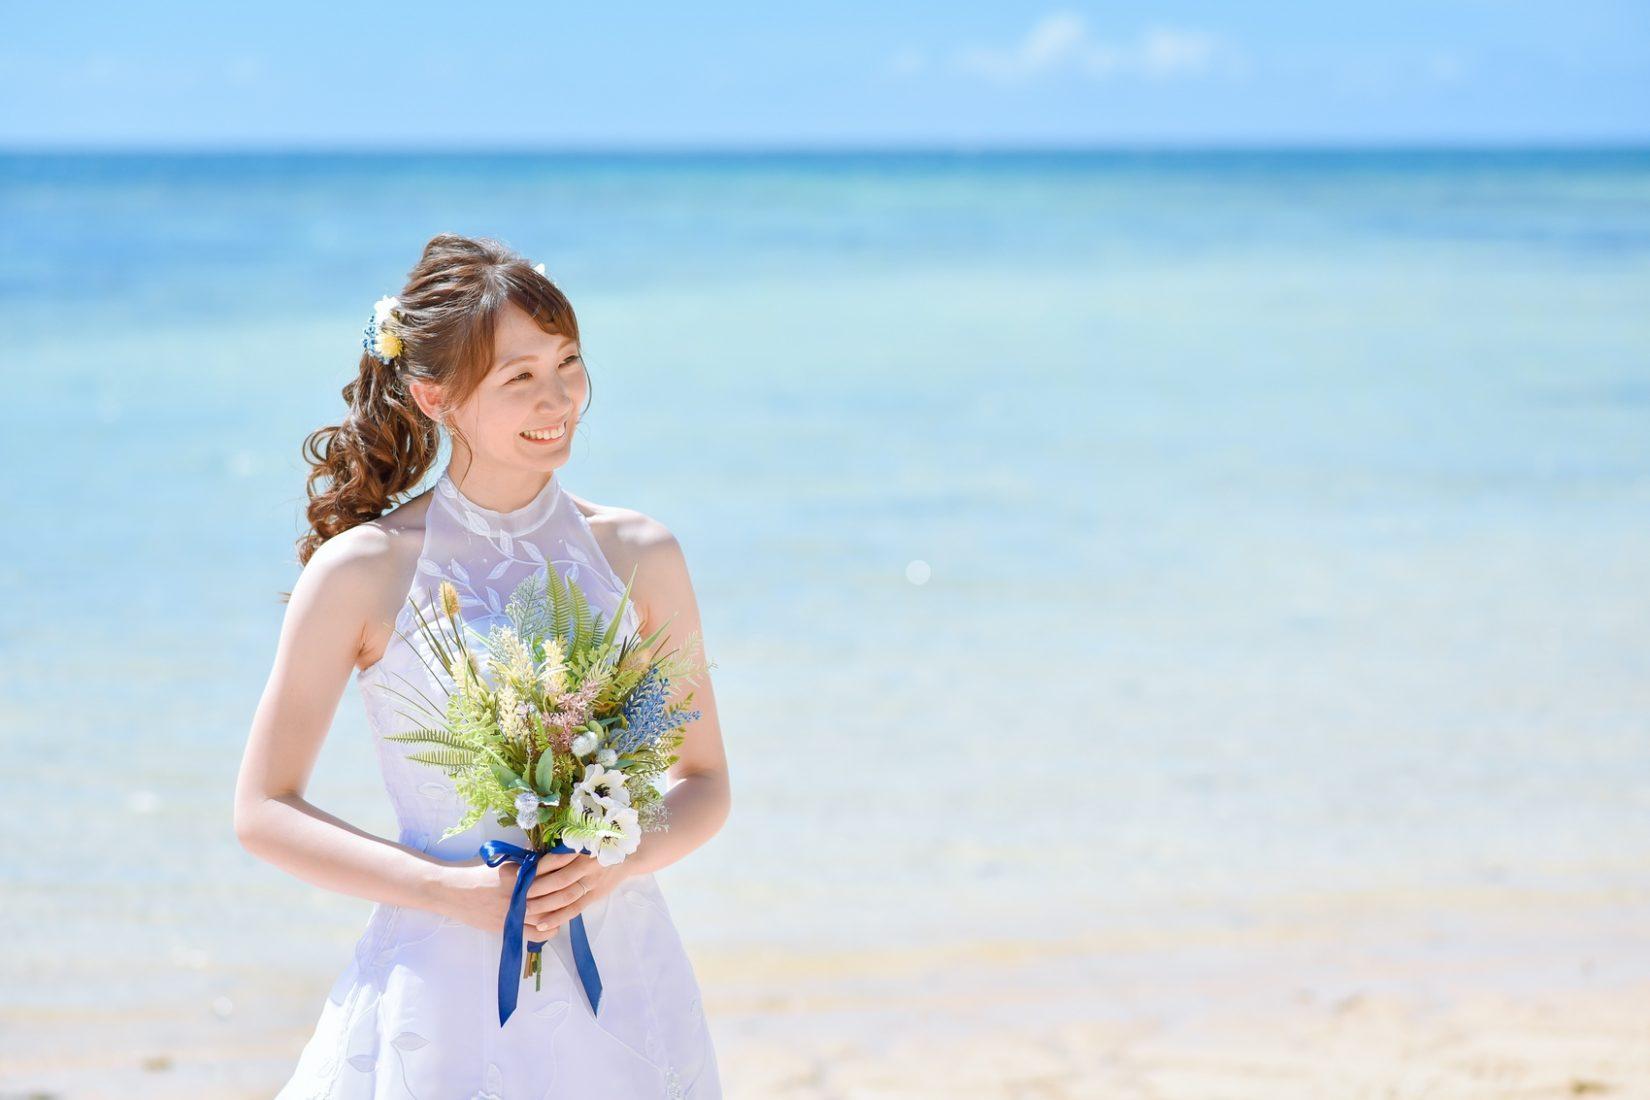 【2020年1月版】沖縄で前撮り!花嫁さんのヘアスタイルまとめ♡